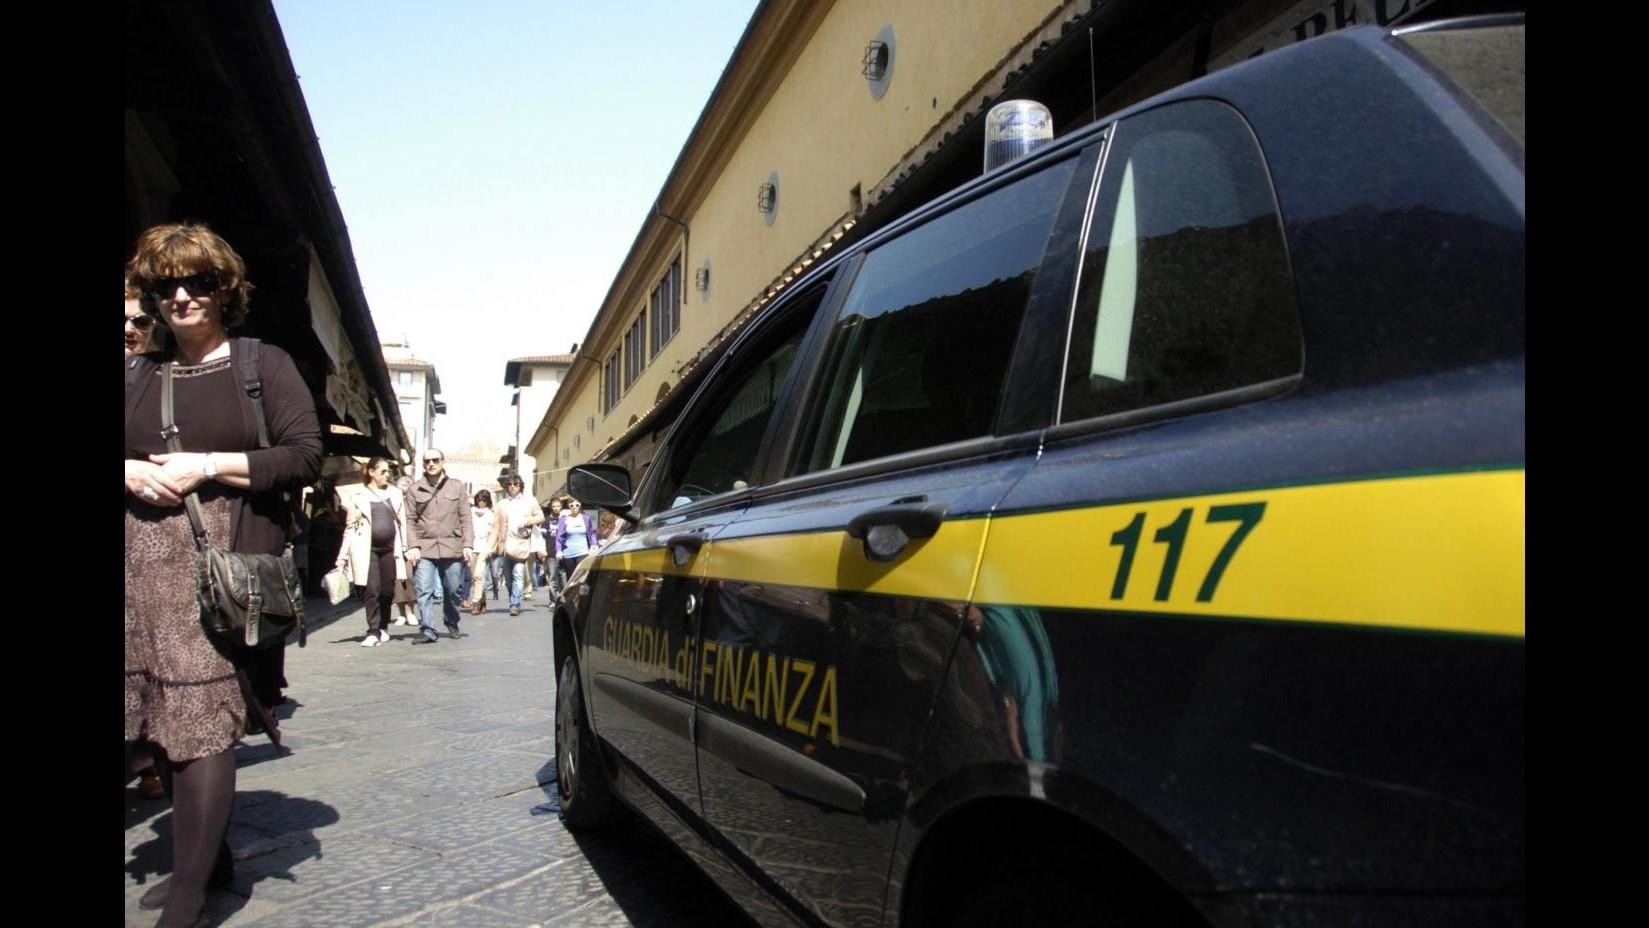 Napoli, cinquemila euro in banconote false: arrestato